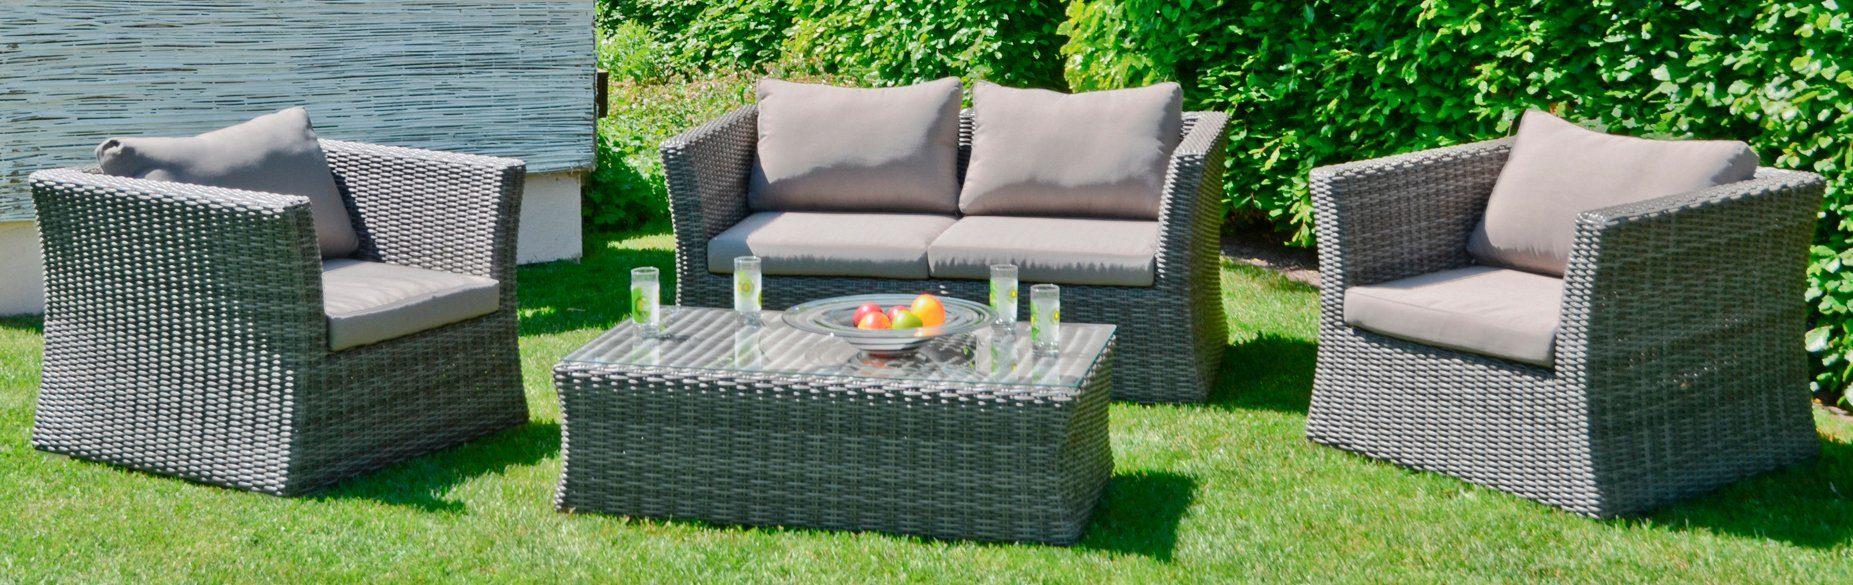 GARDEN PLEASURE Loungeset »AVILA«, 13-tlg., 2er-Sofa, 2 Sessel, Tisch 62x111 cm, Polyrattan